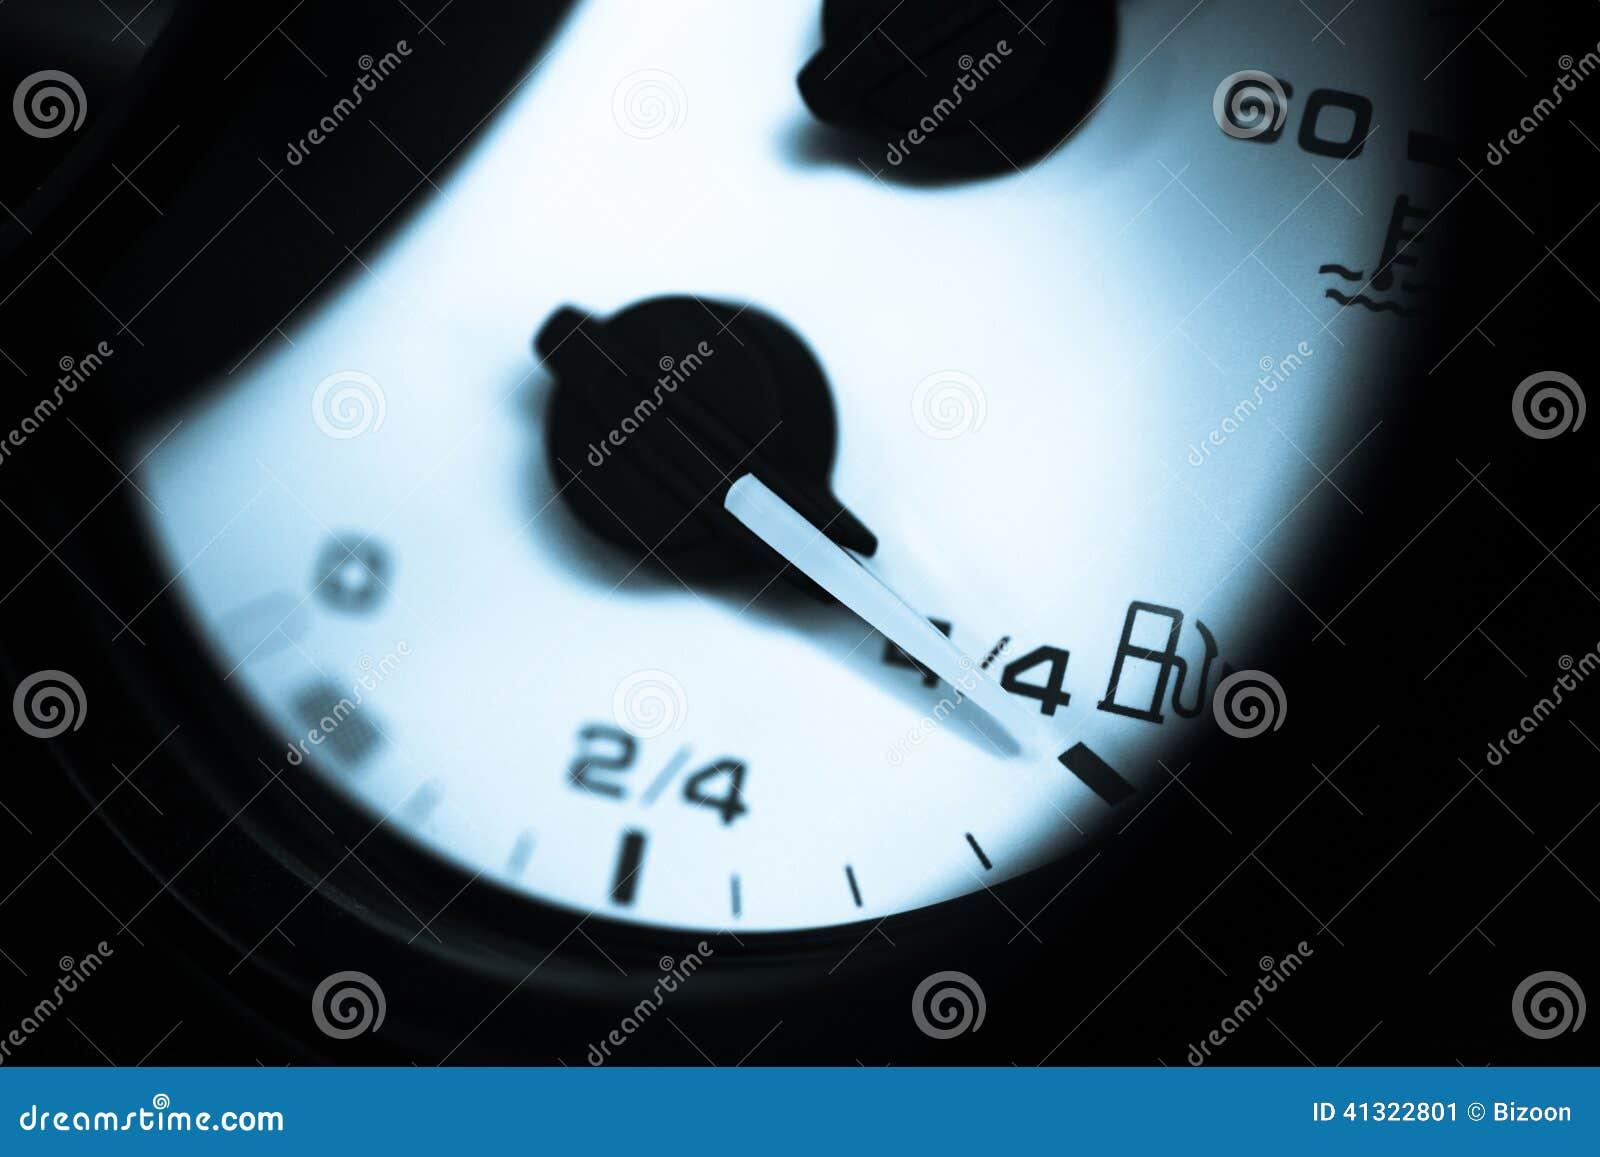 Большой расход топлива зимой на Hyundai Getz